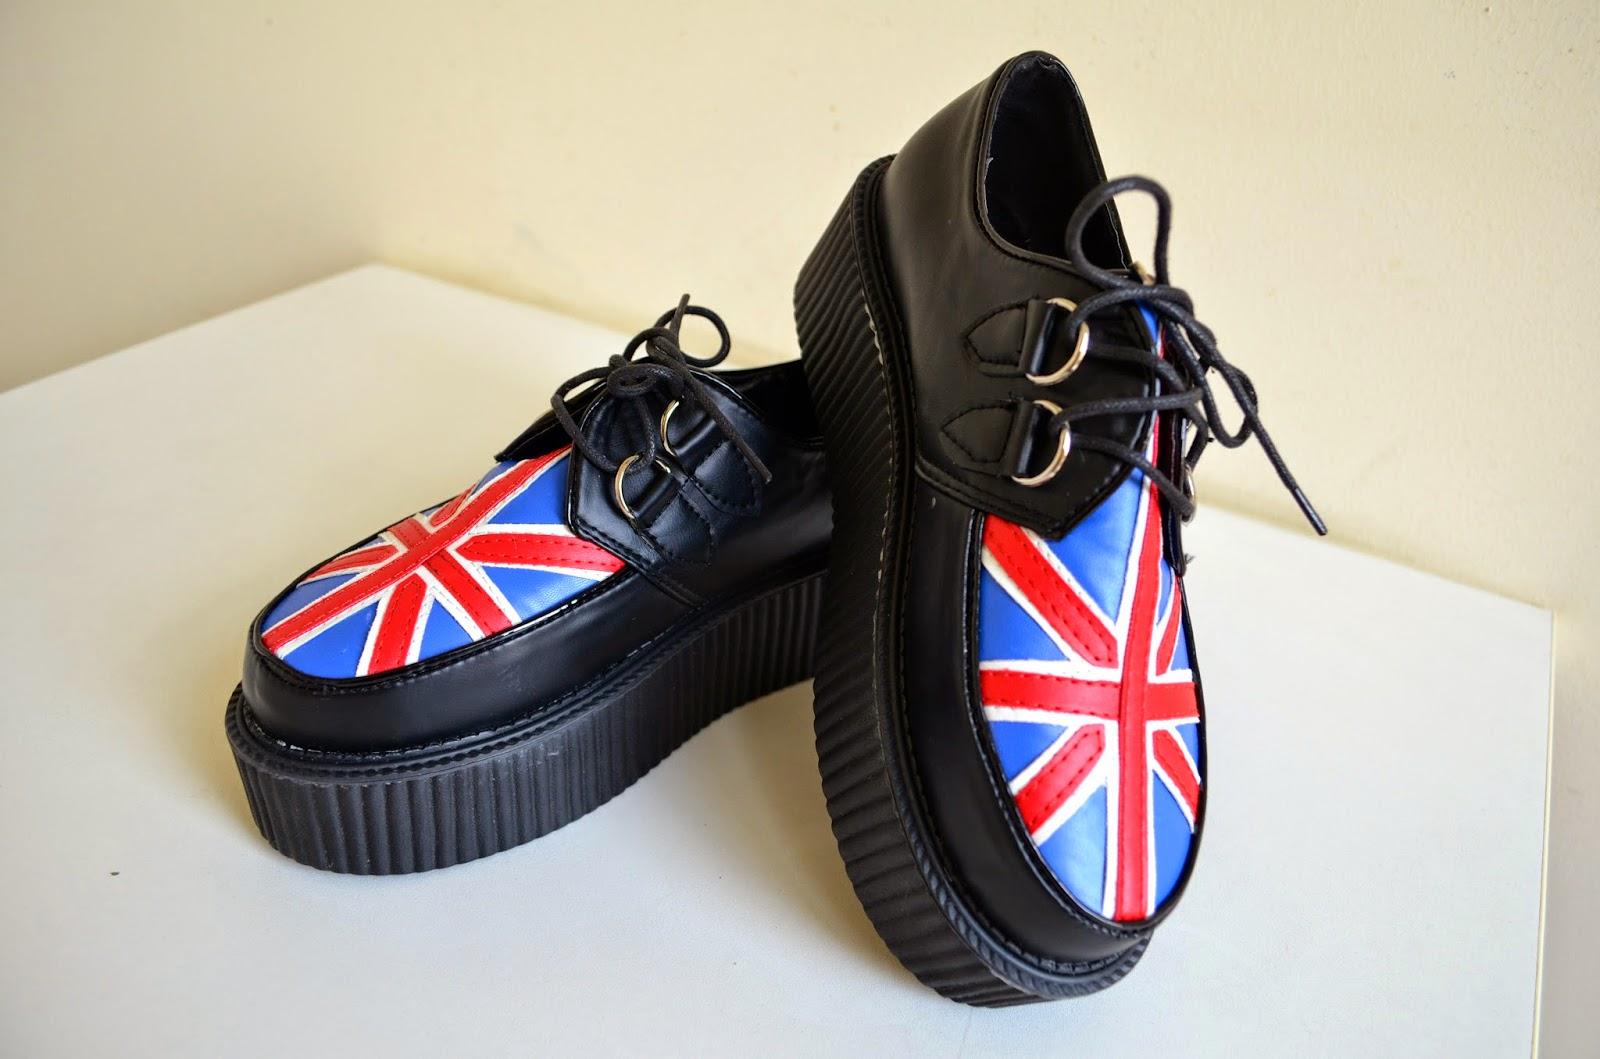 outlet store ca84a 7acc7 Così navigando nella sezione Women s Shoes ecco cos ho trovato